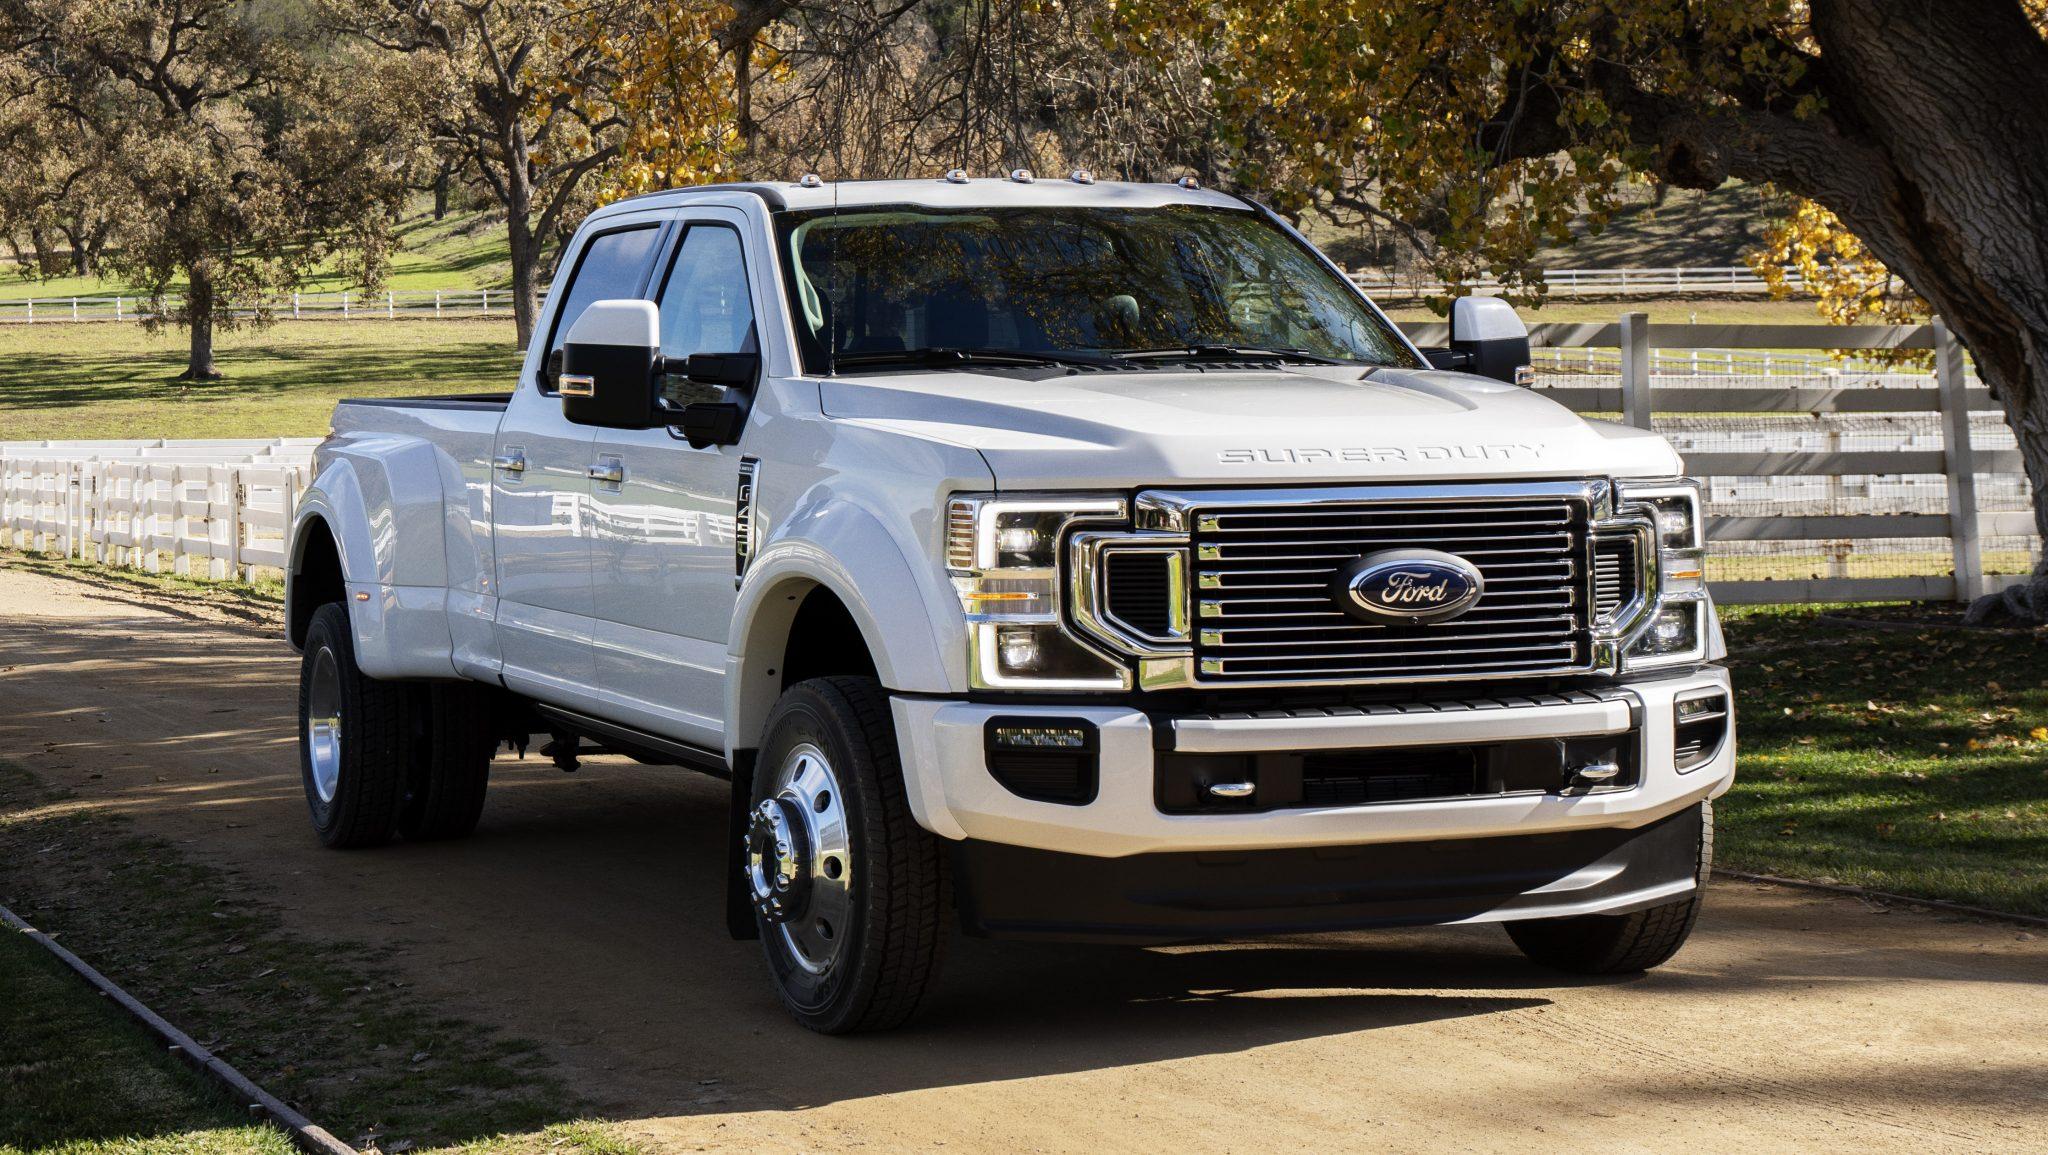 Ford F-series Super DutyFord F-series Super Duty 7,3-liter v8